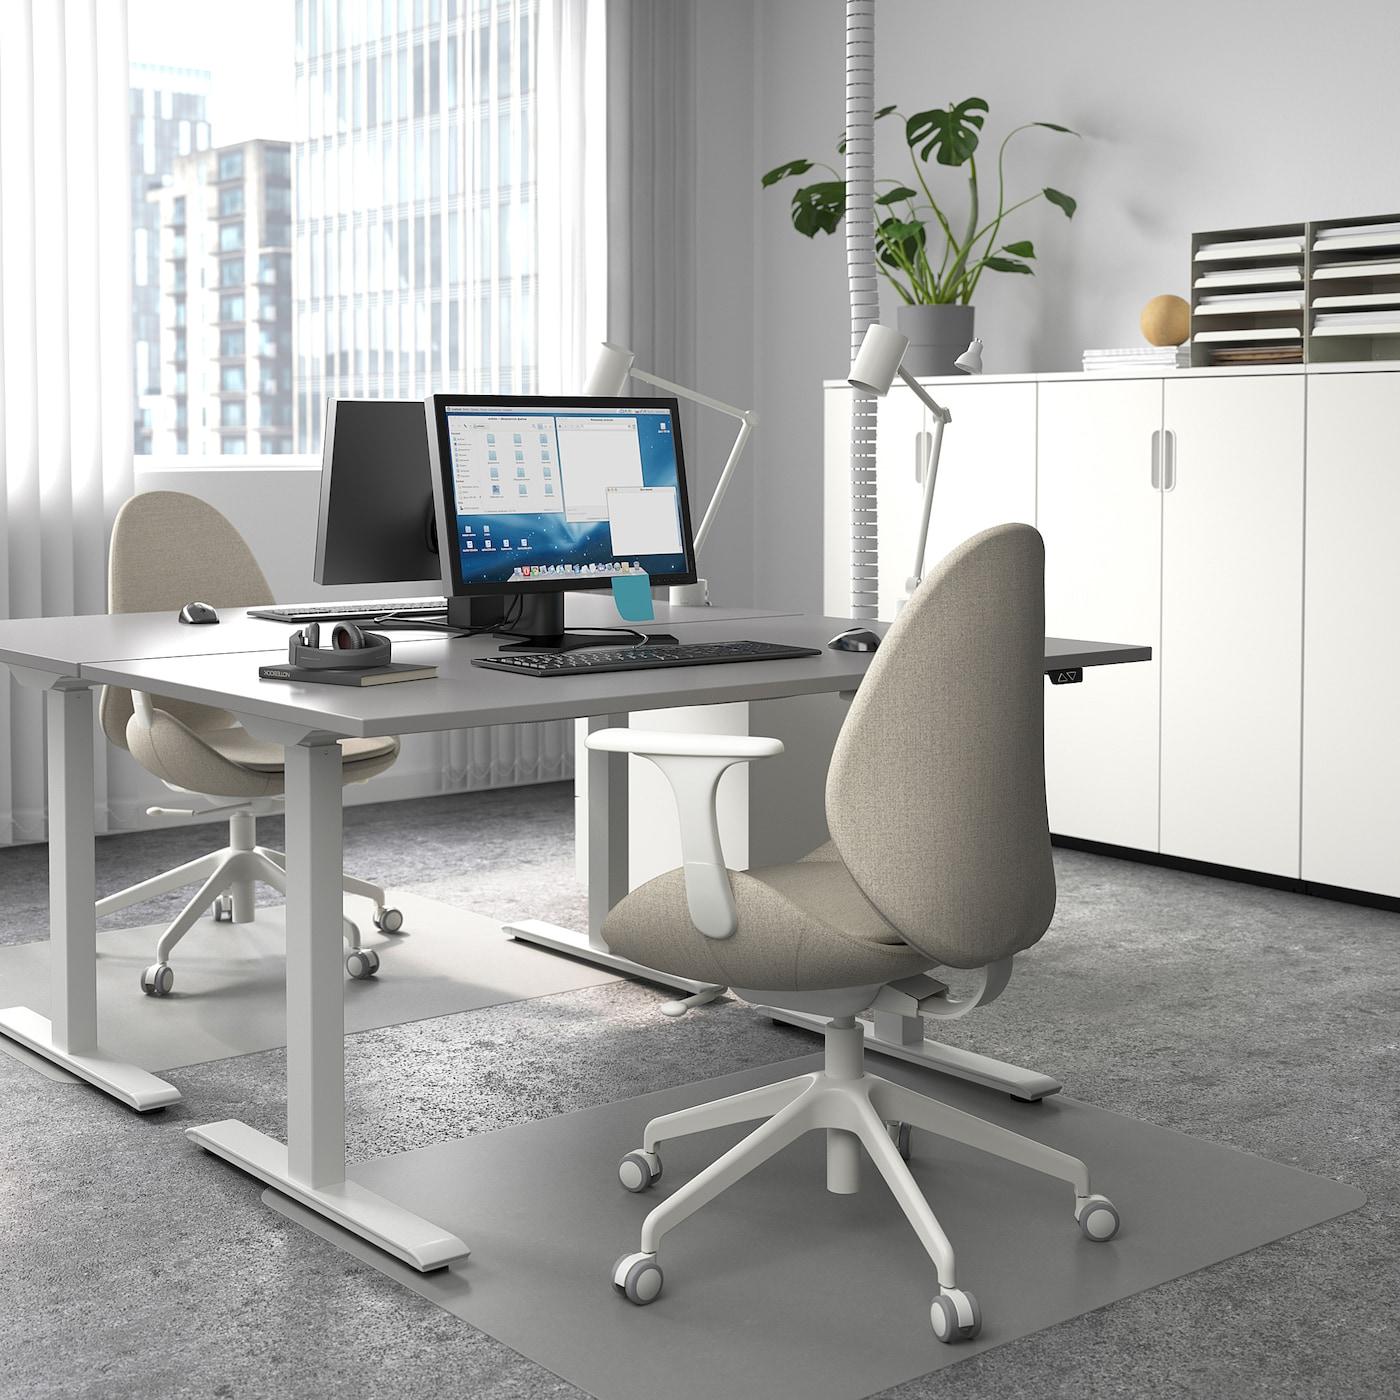 RODULF Desk sit/stand